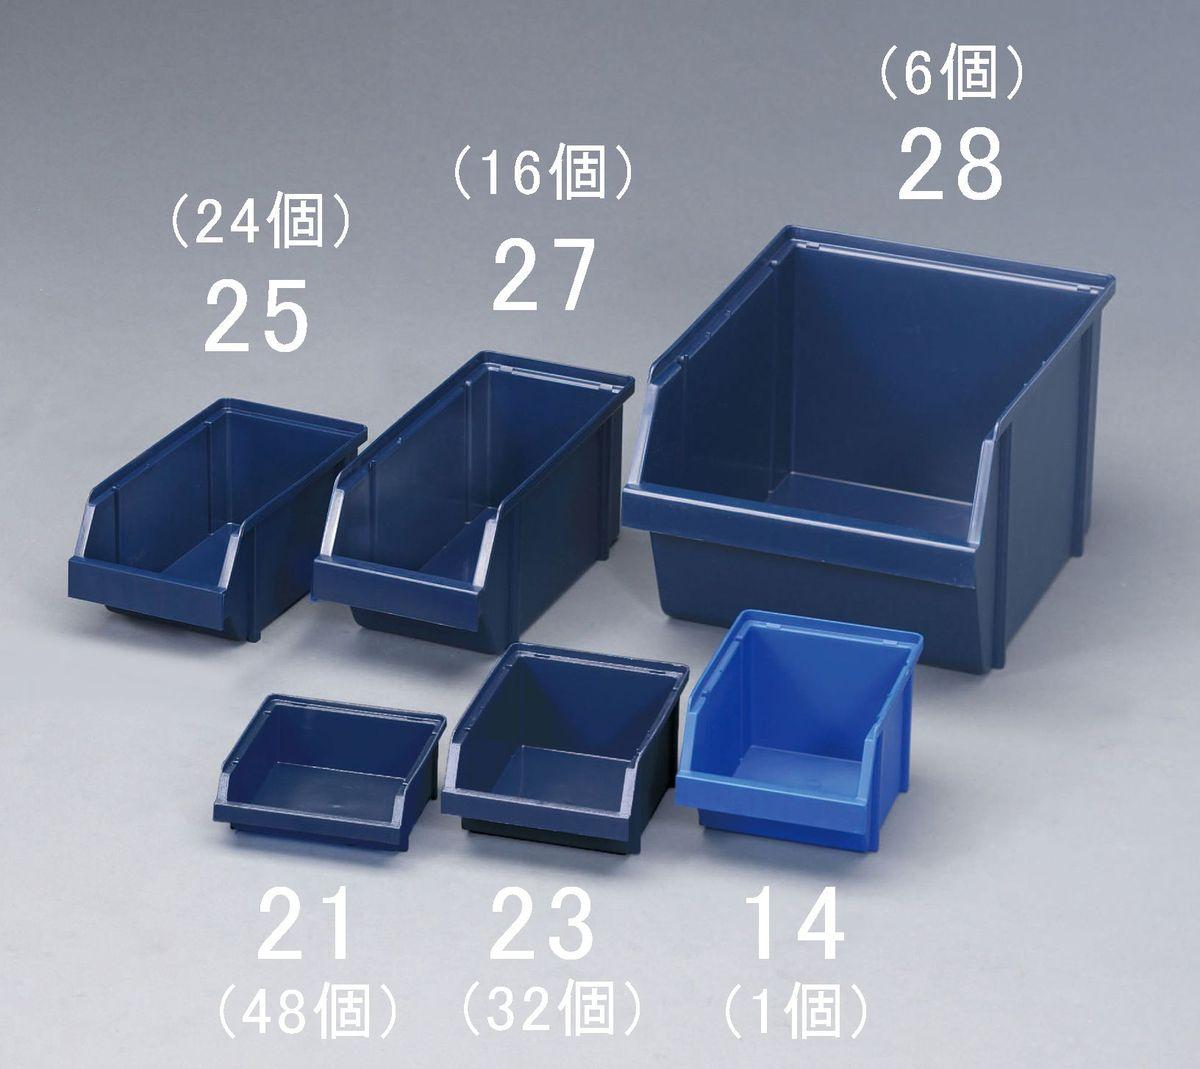 【メーカー在庫あり】 エスコ ESCO 125x133x 50mm パーツトレー(重ね置型 青/48個) 000012261658 HD店